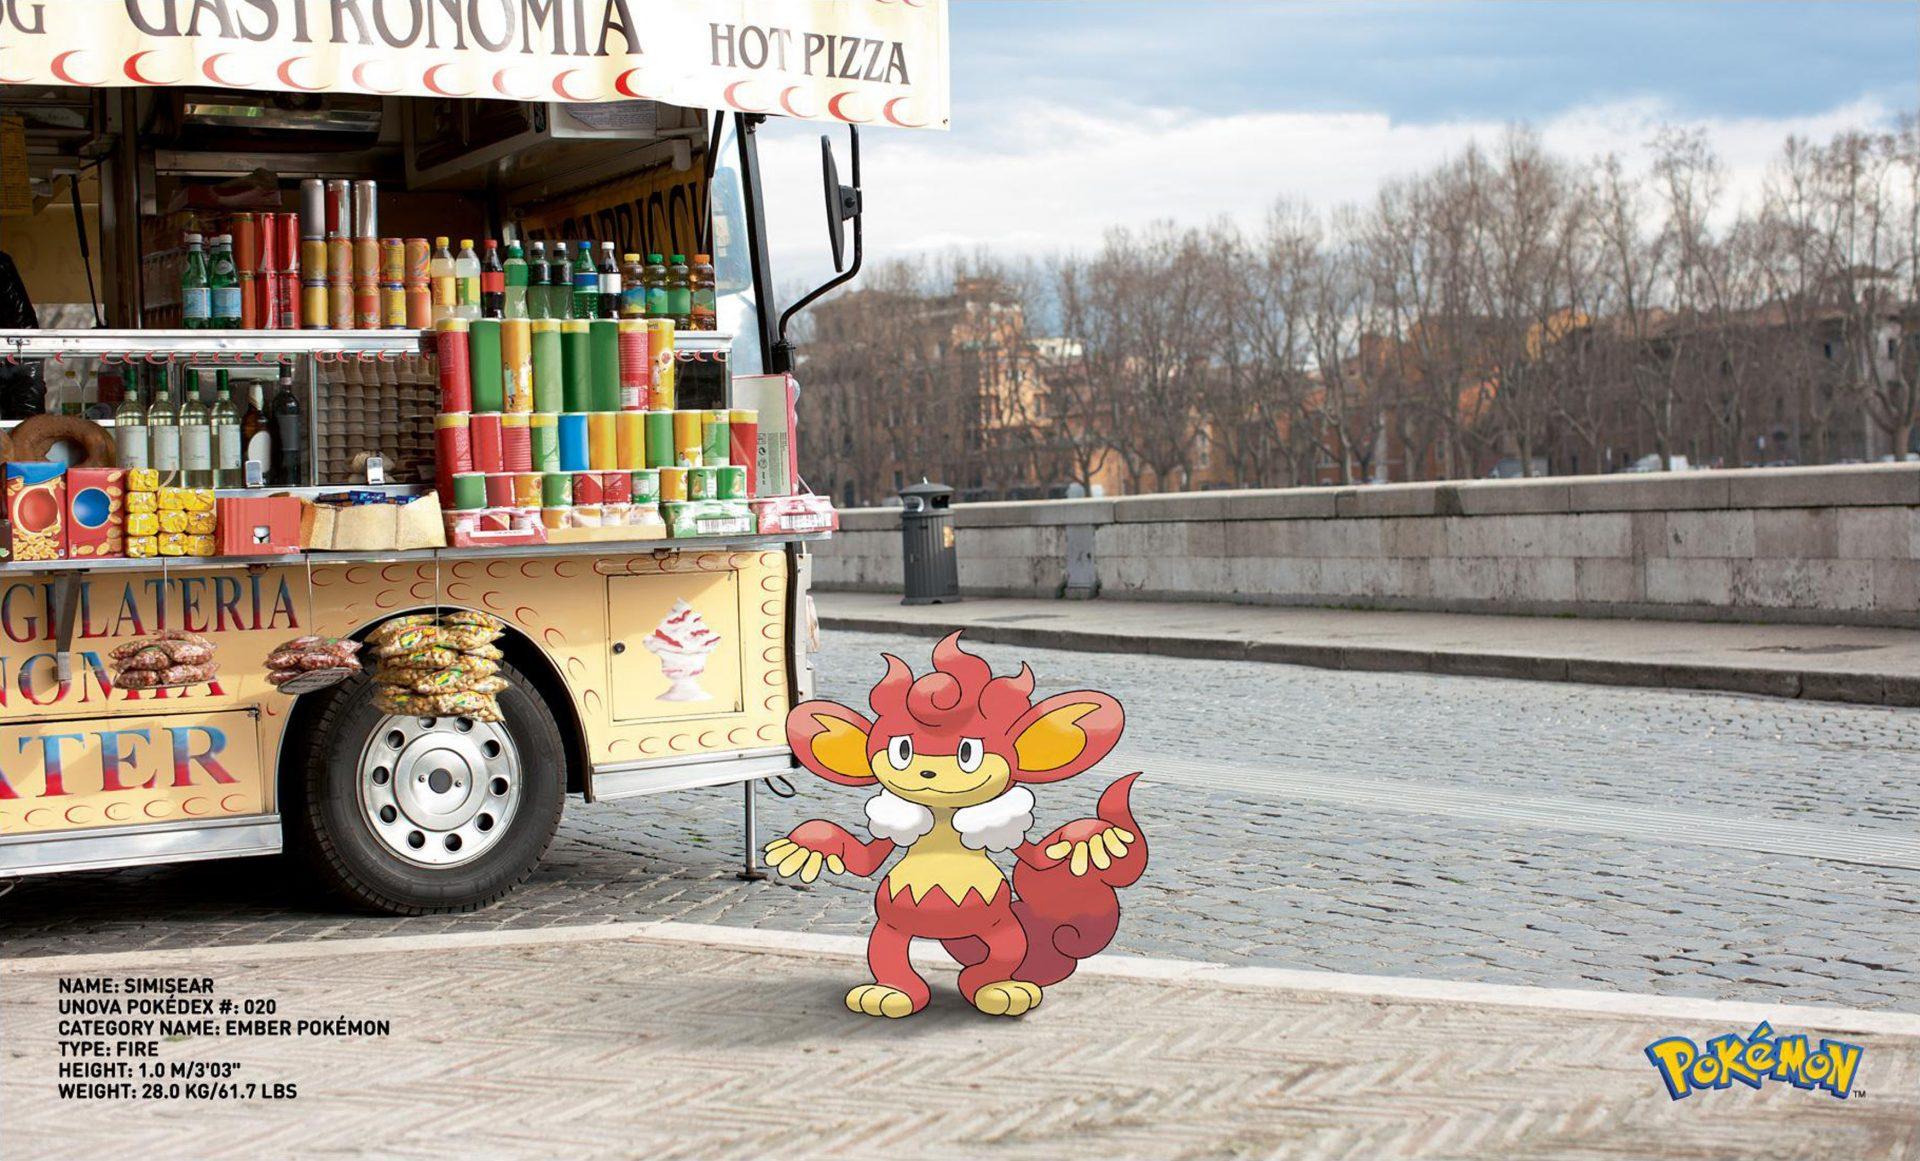 Pokemon Go Simisear Ember Pokemon Dentsu London – Shaw and Shaw Photography photographer